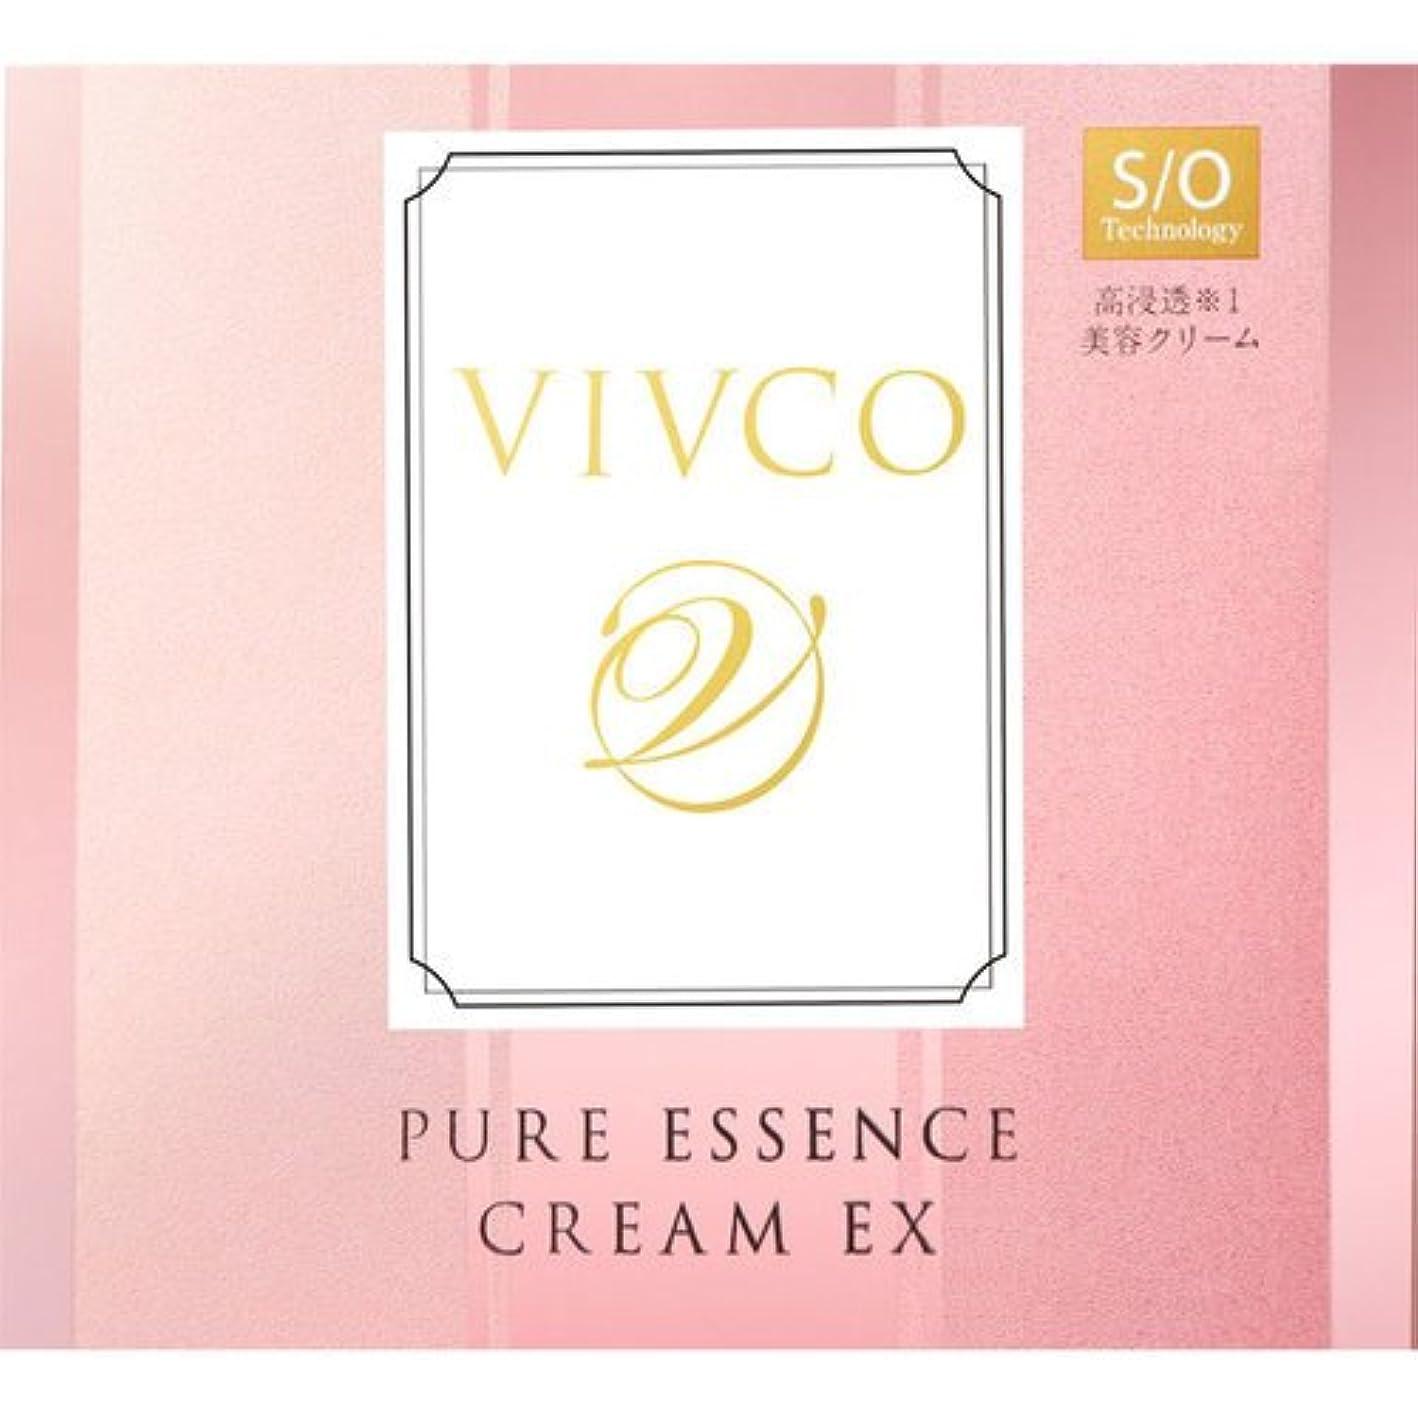 中間変装した実際VIVCO(ヴィヴコ) ピュアエッセンス クリームEX 60g